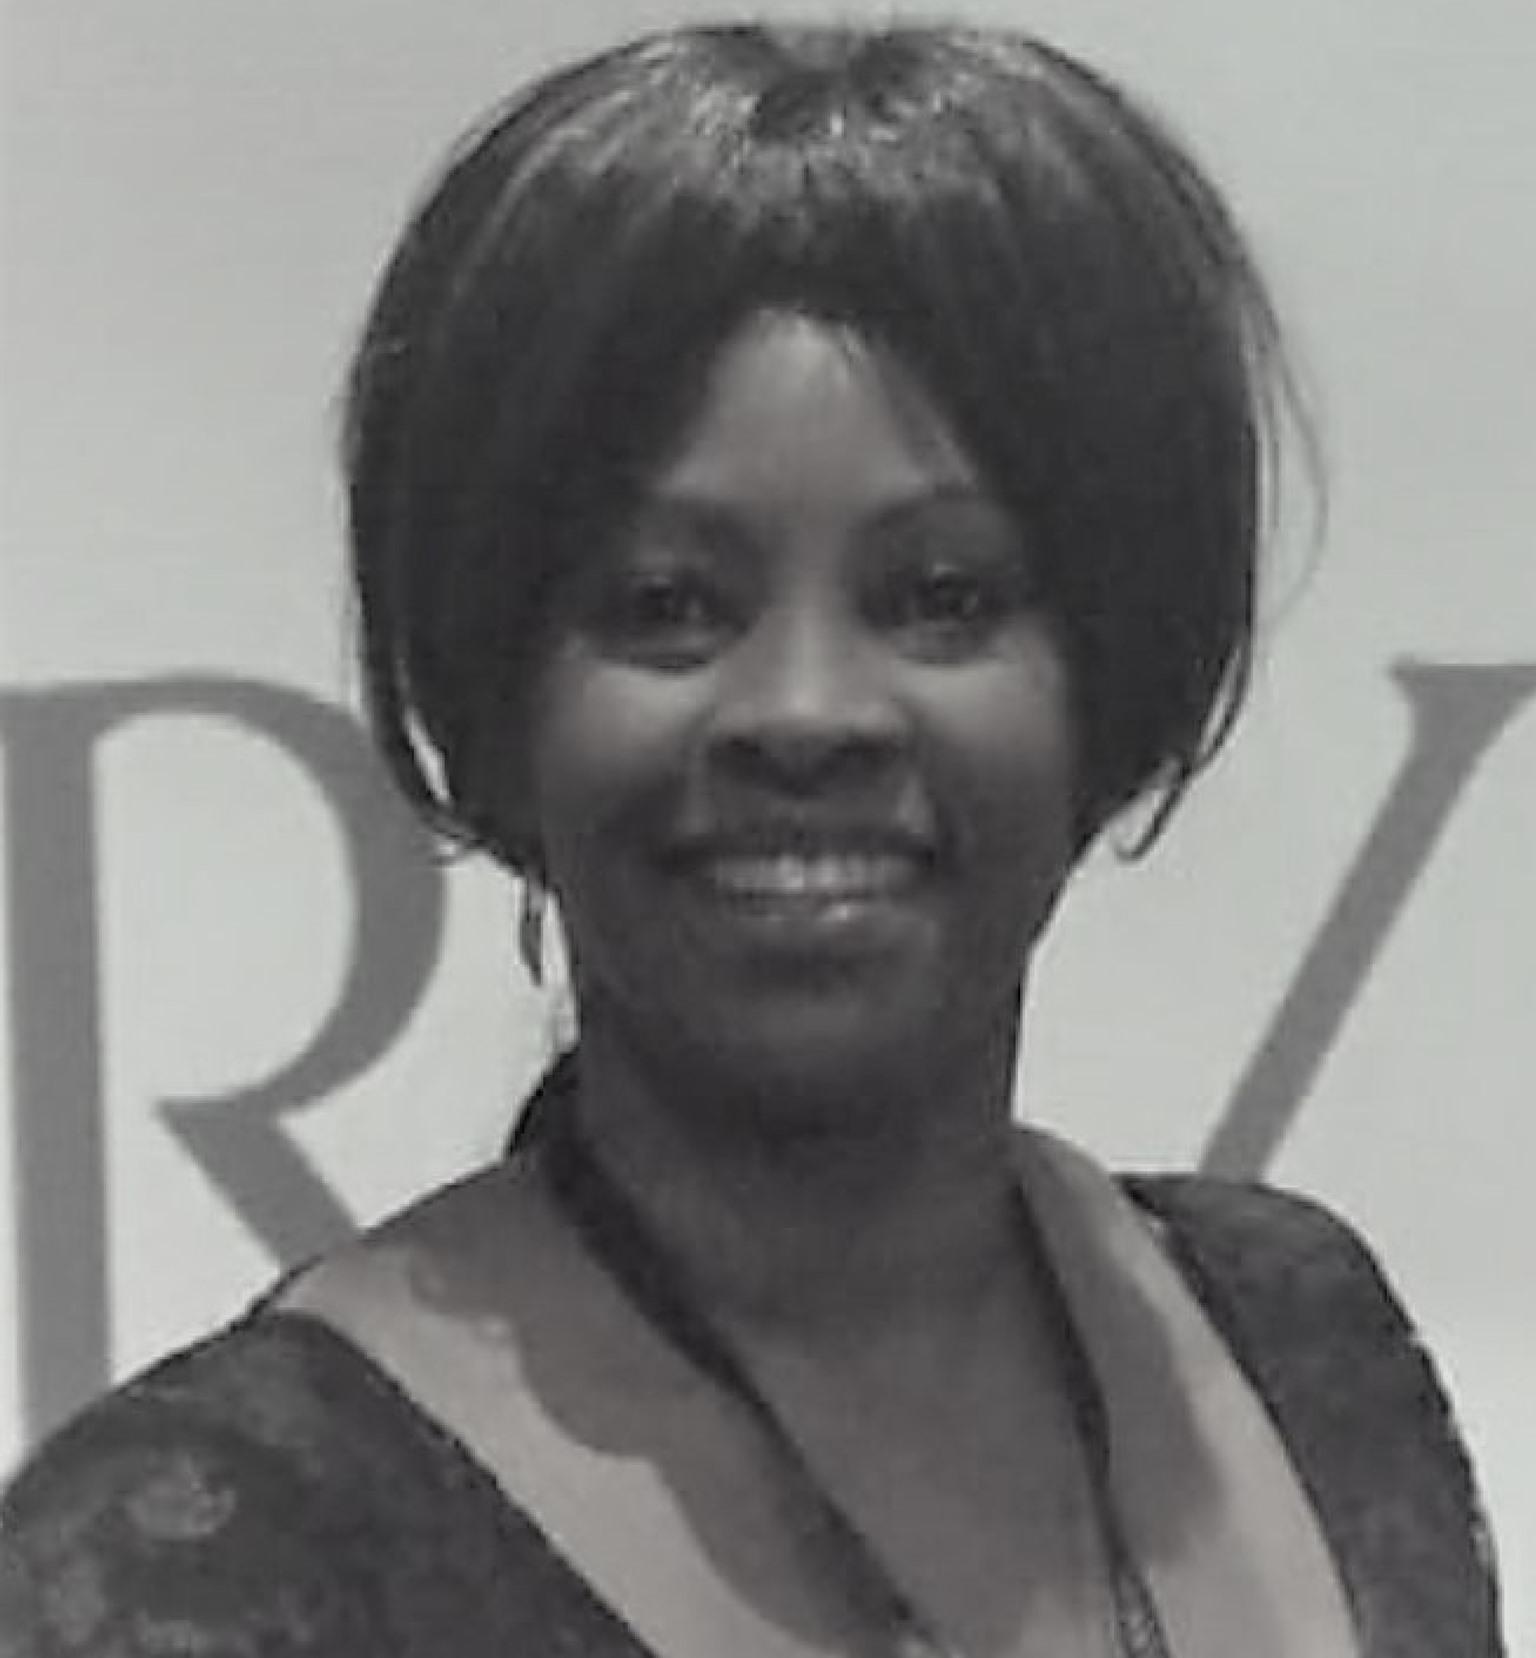 Lali Nkhuwa